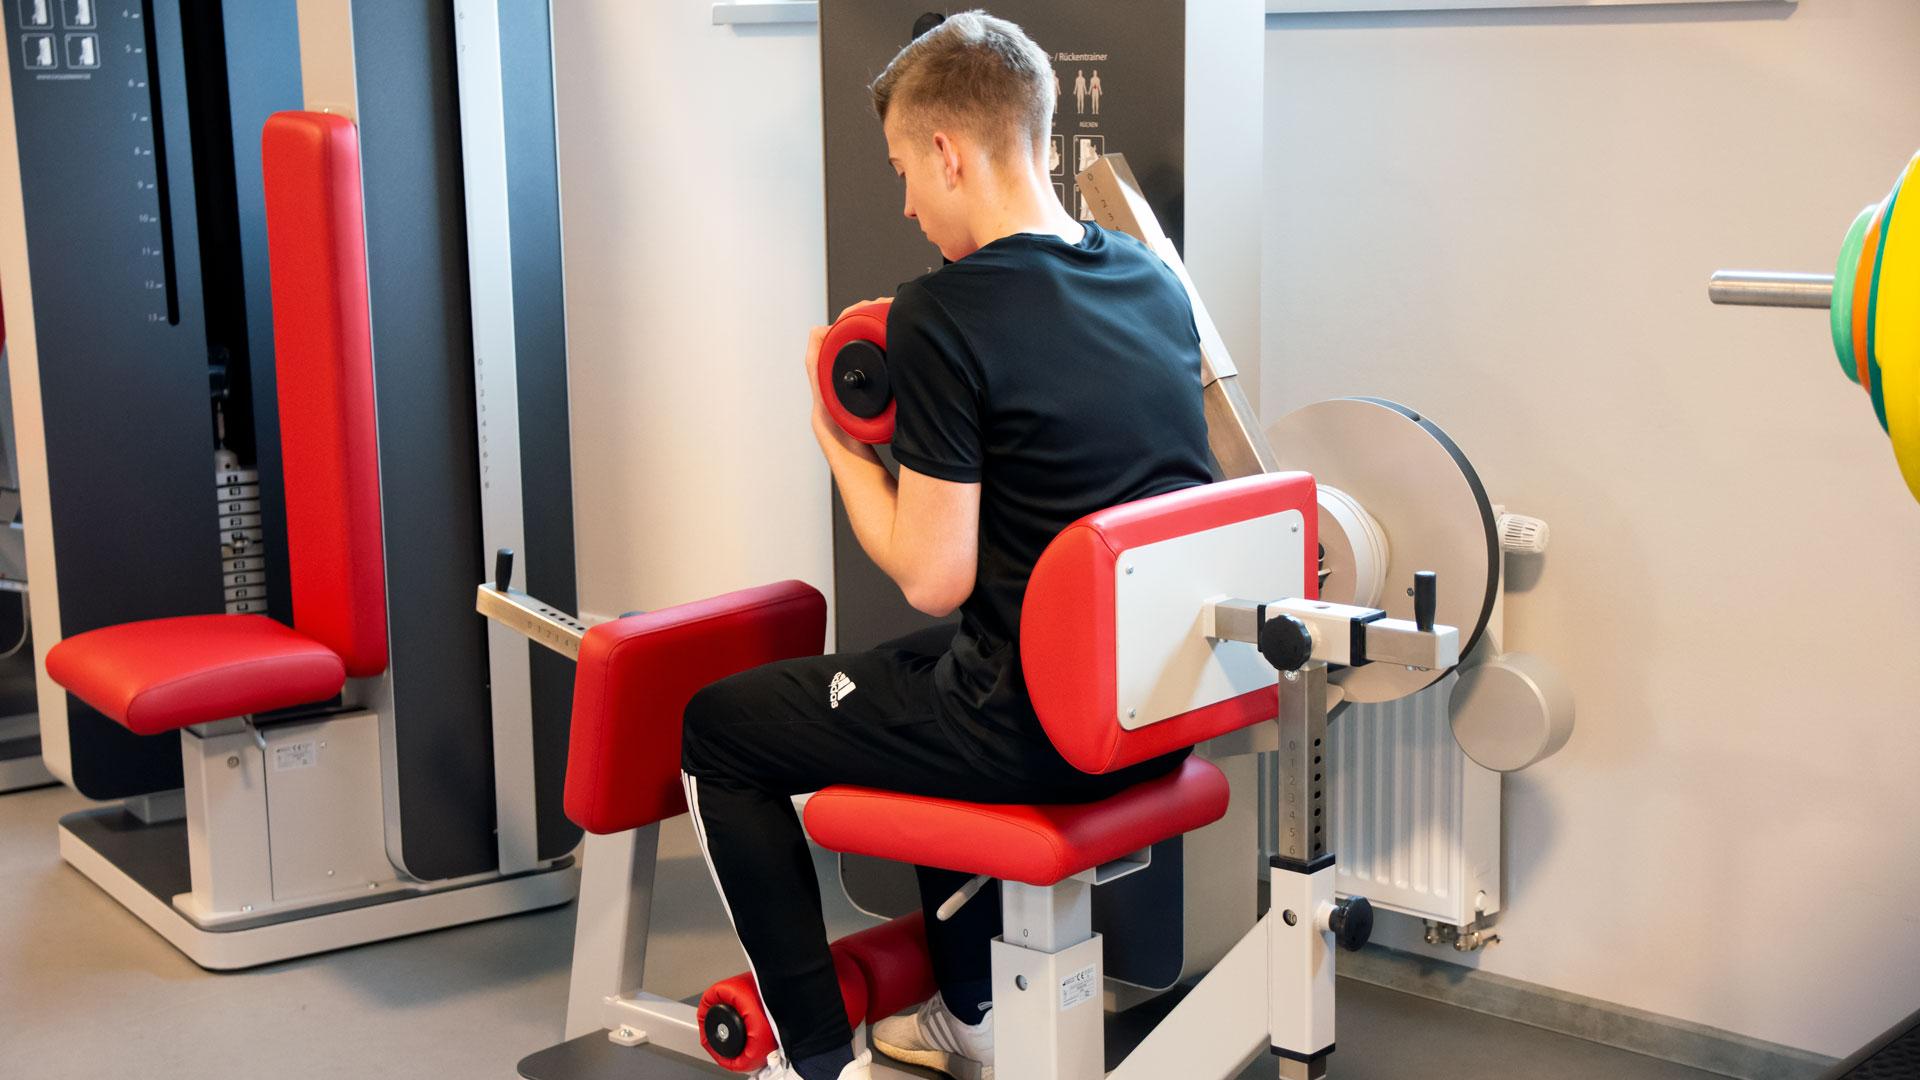 rhoenfit_fitnessstudio_bertsch_020319_01